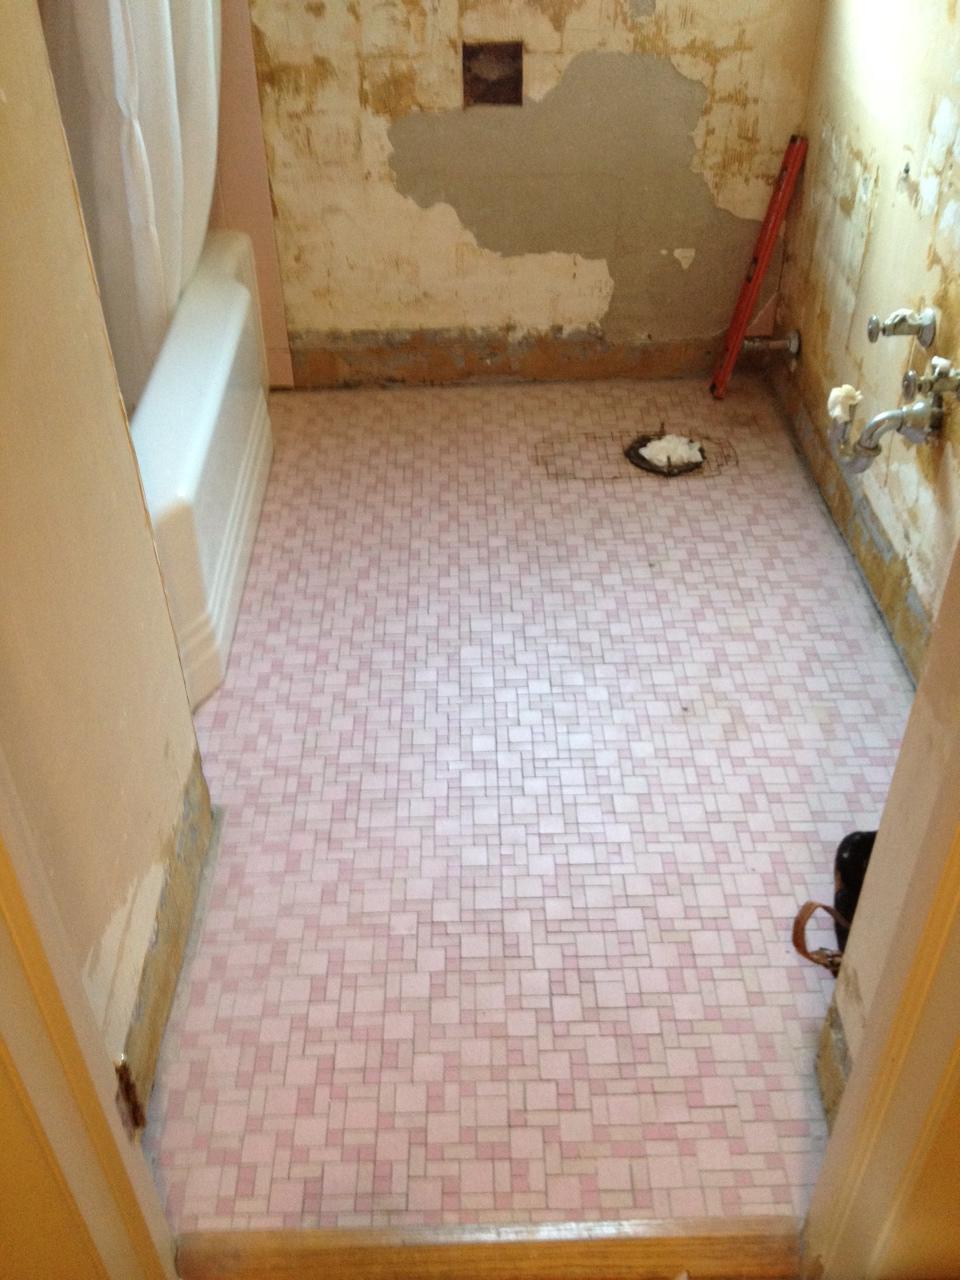 Tile Install 3-1